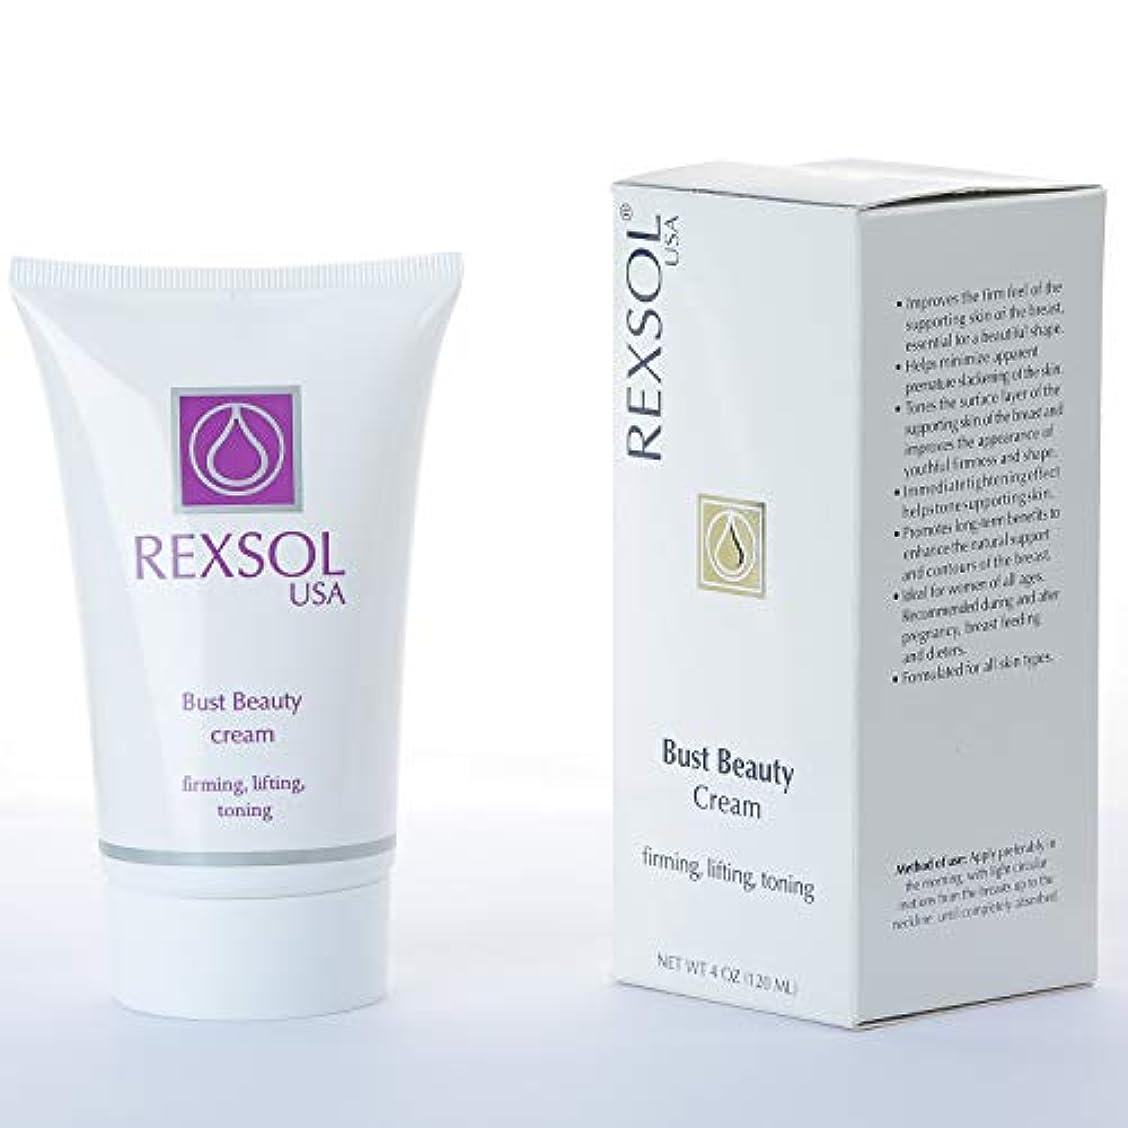 REXSOLバストビューティクリームファーミング/トーニング/リフティング| 若々しい堅さと胸の形を維持するのに役立ちます| 潤いを与え、乳房のしなやかさを促進します。 (120ml / 4フロート)